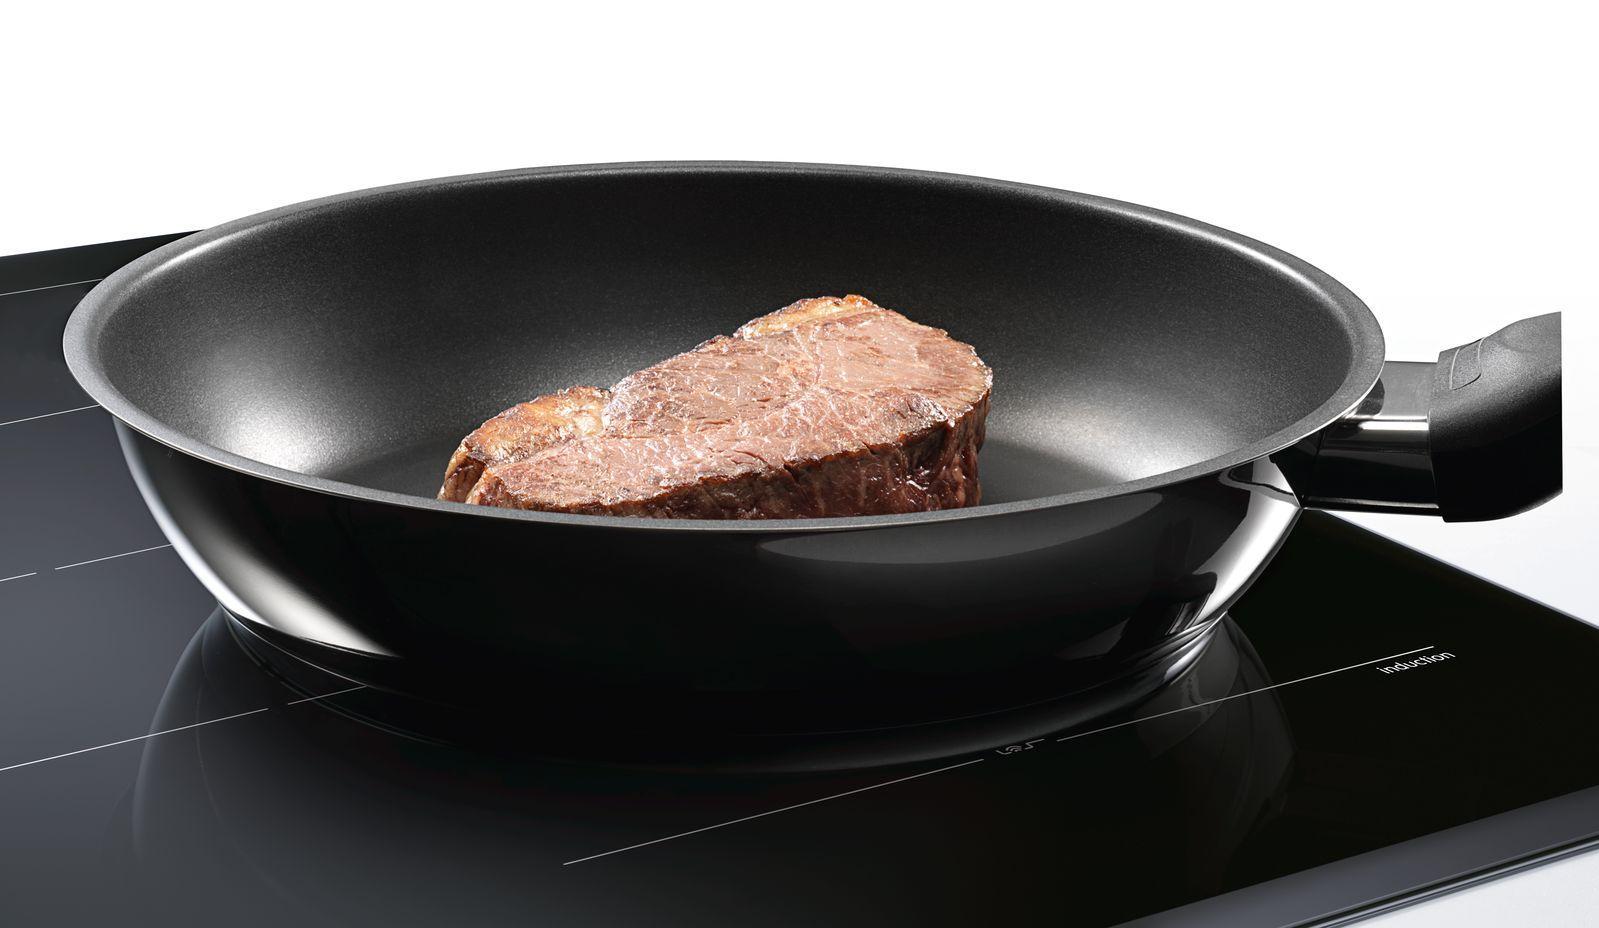 Mô tả Bếp từ Bosch pxx675dc1e nhập khẩu Đức